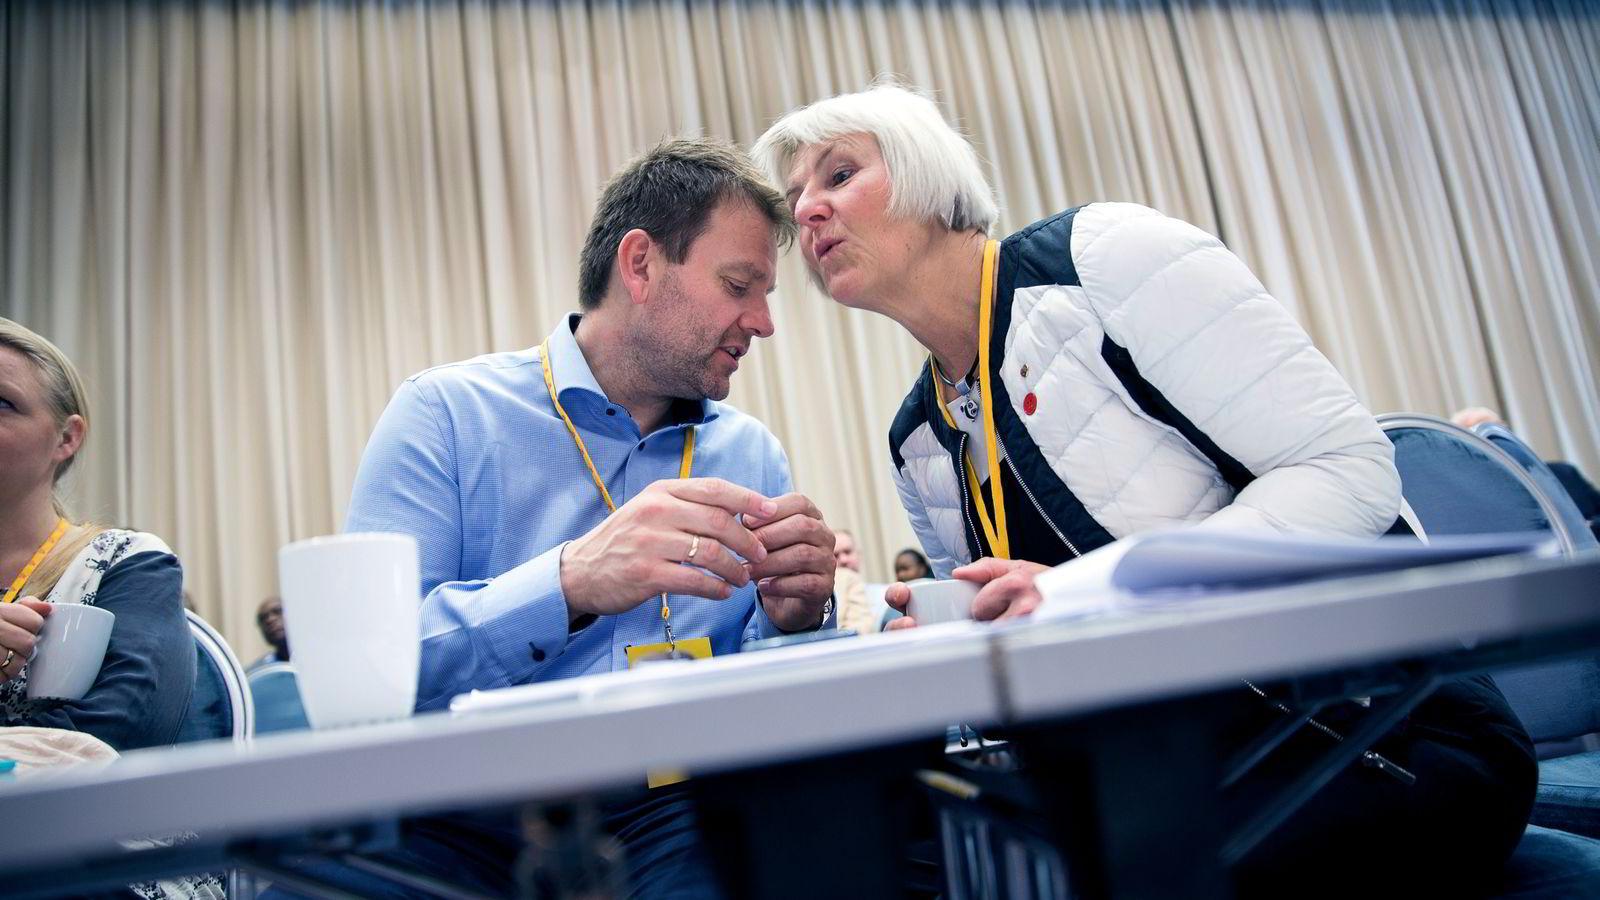 KrFs annenkandidat i Stavanger, Inge Takle Mæstad, var rådgiver for tidligere KrF-leder Valgerd Svarstad Haugland. Han tror KrF får mest gjennomslag i et samarbeid med Ap så lenge Høyre trekkes mot høyre av Frp.